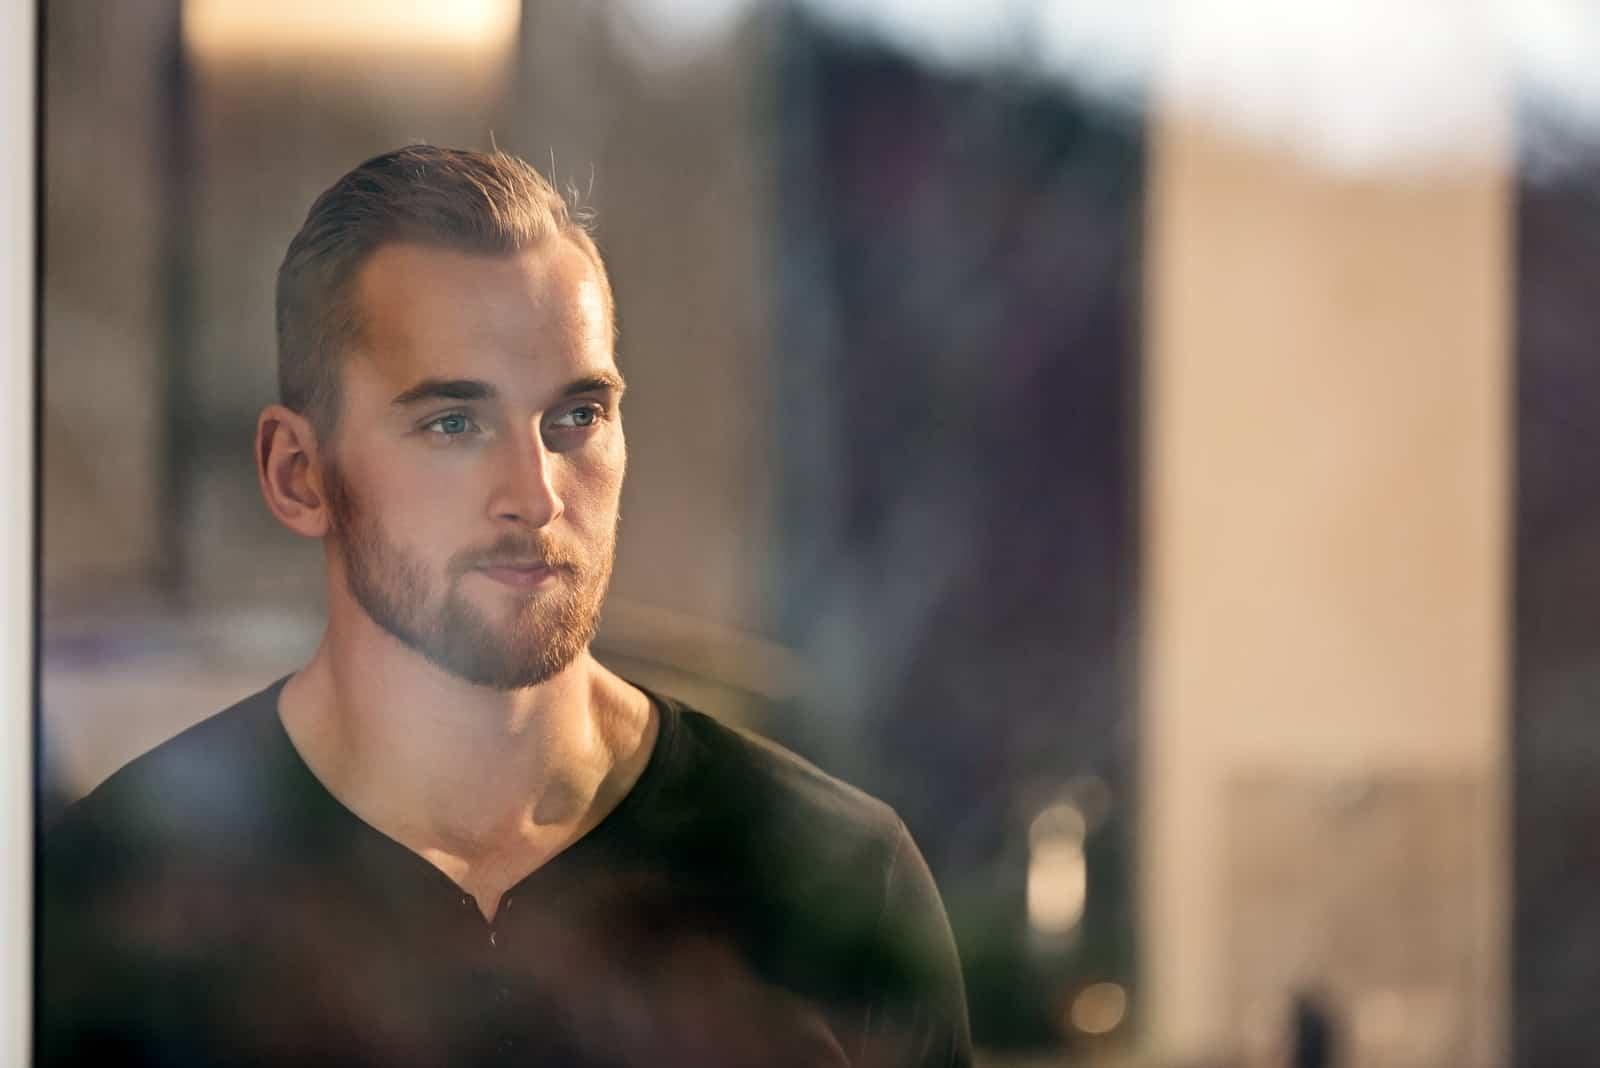 Homme seul portant une chemise à manches longues noire